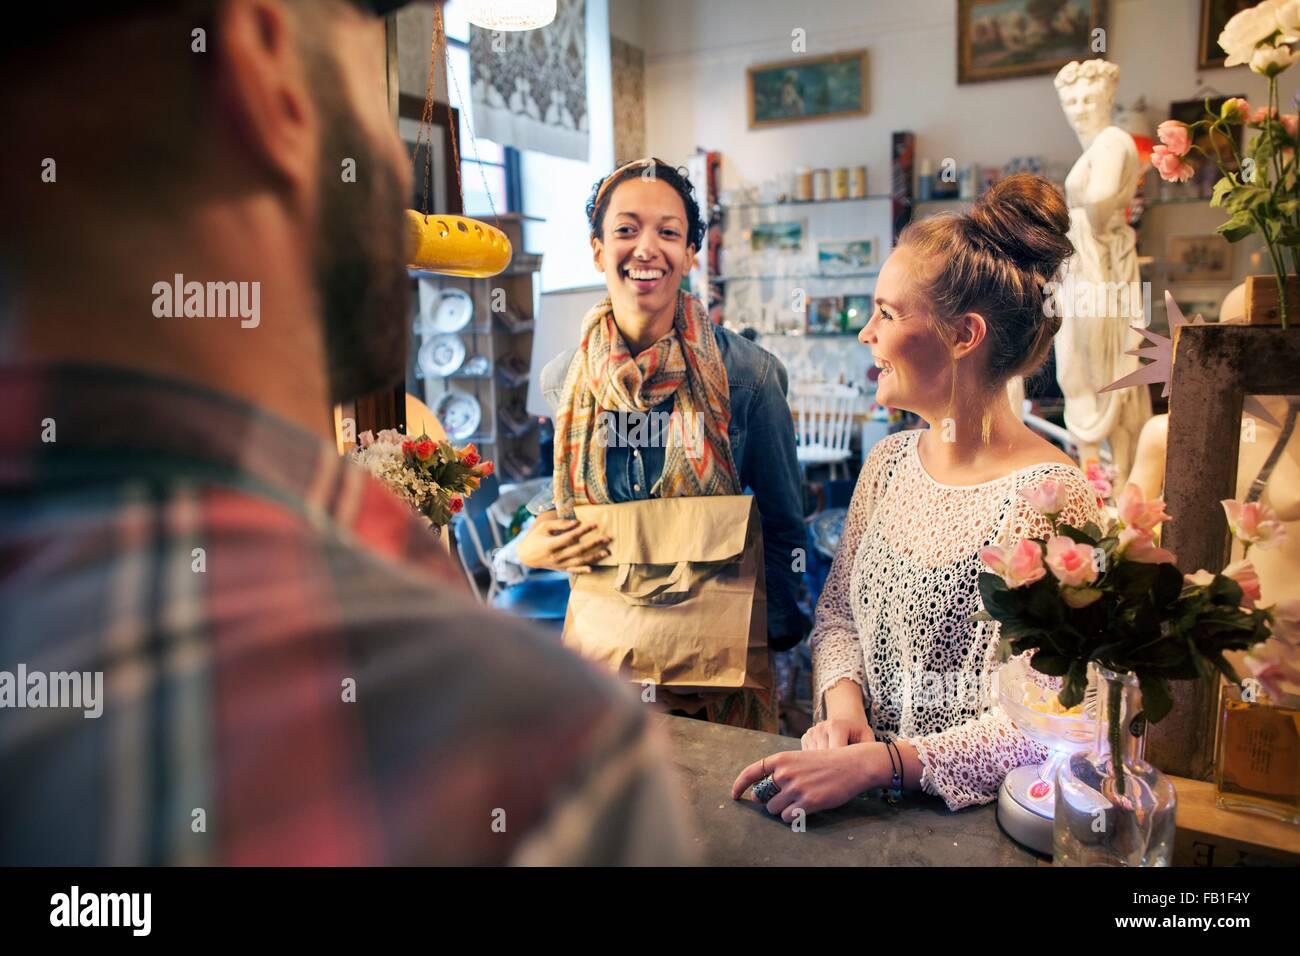 Due felice giovane femmina i clienti che acquistano prodotti dal negozio vintage Immagini Stock